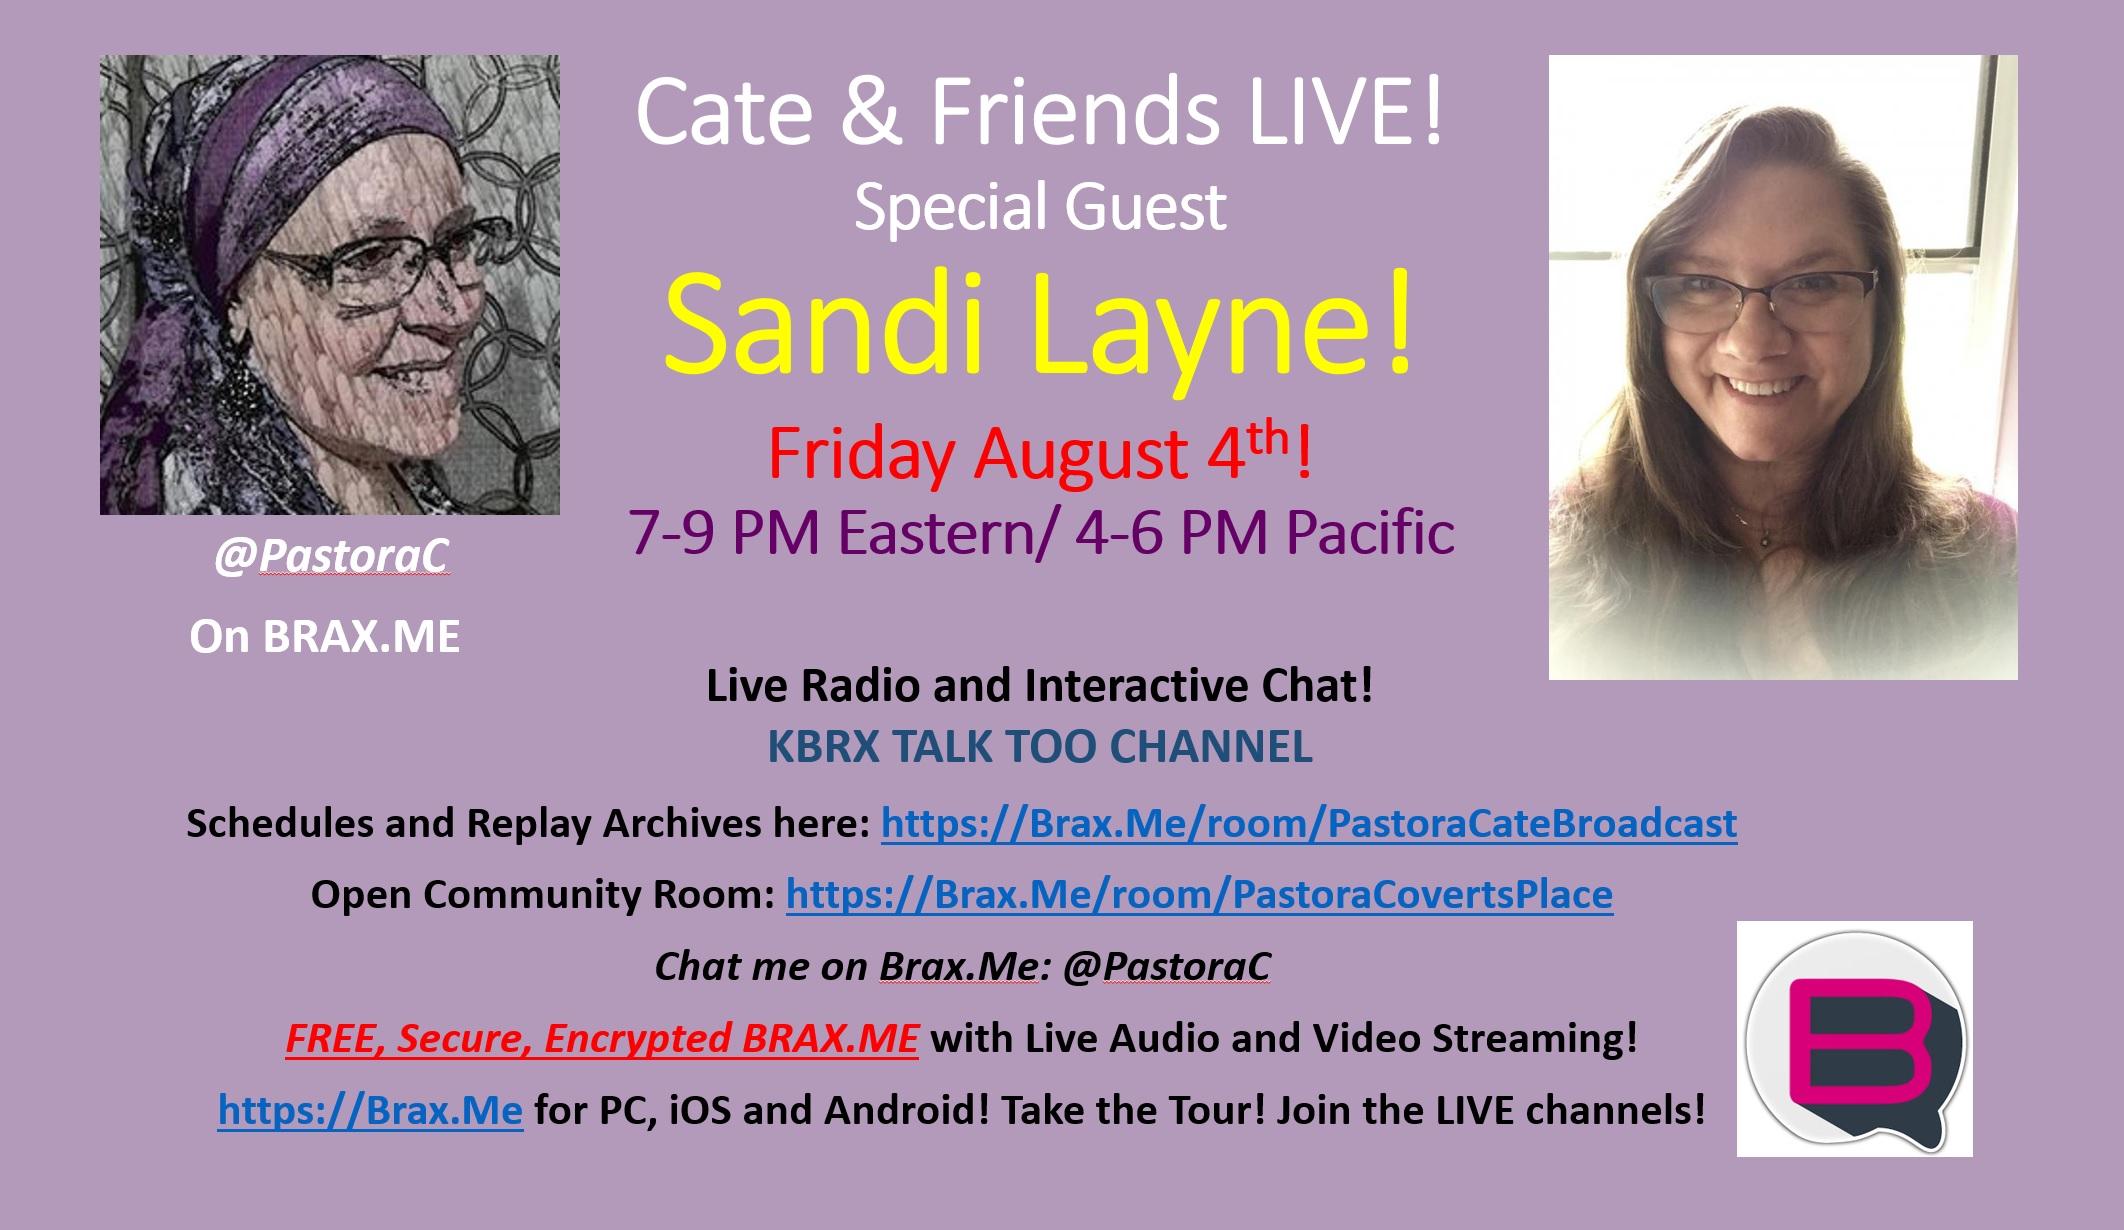 Cate & Friends Sandi Layne